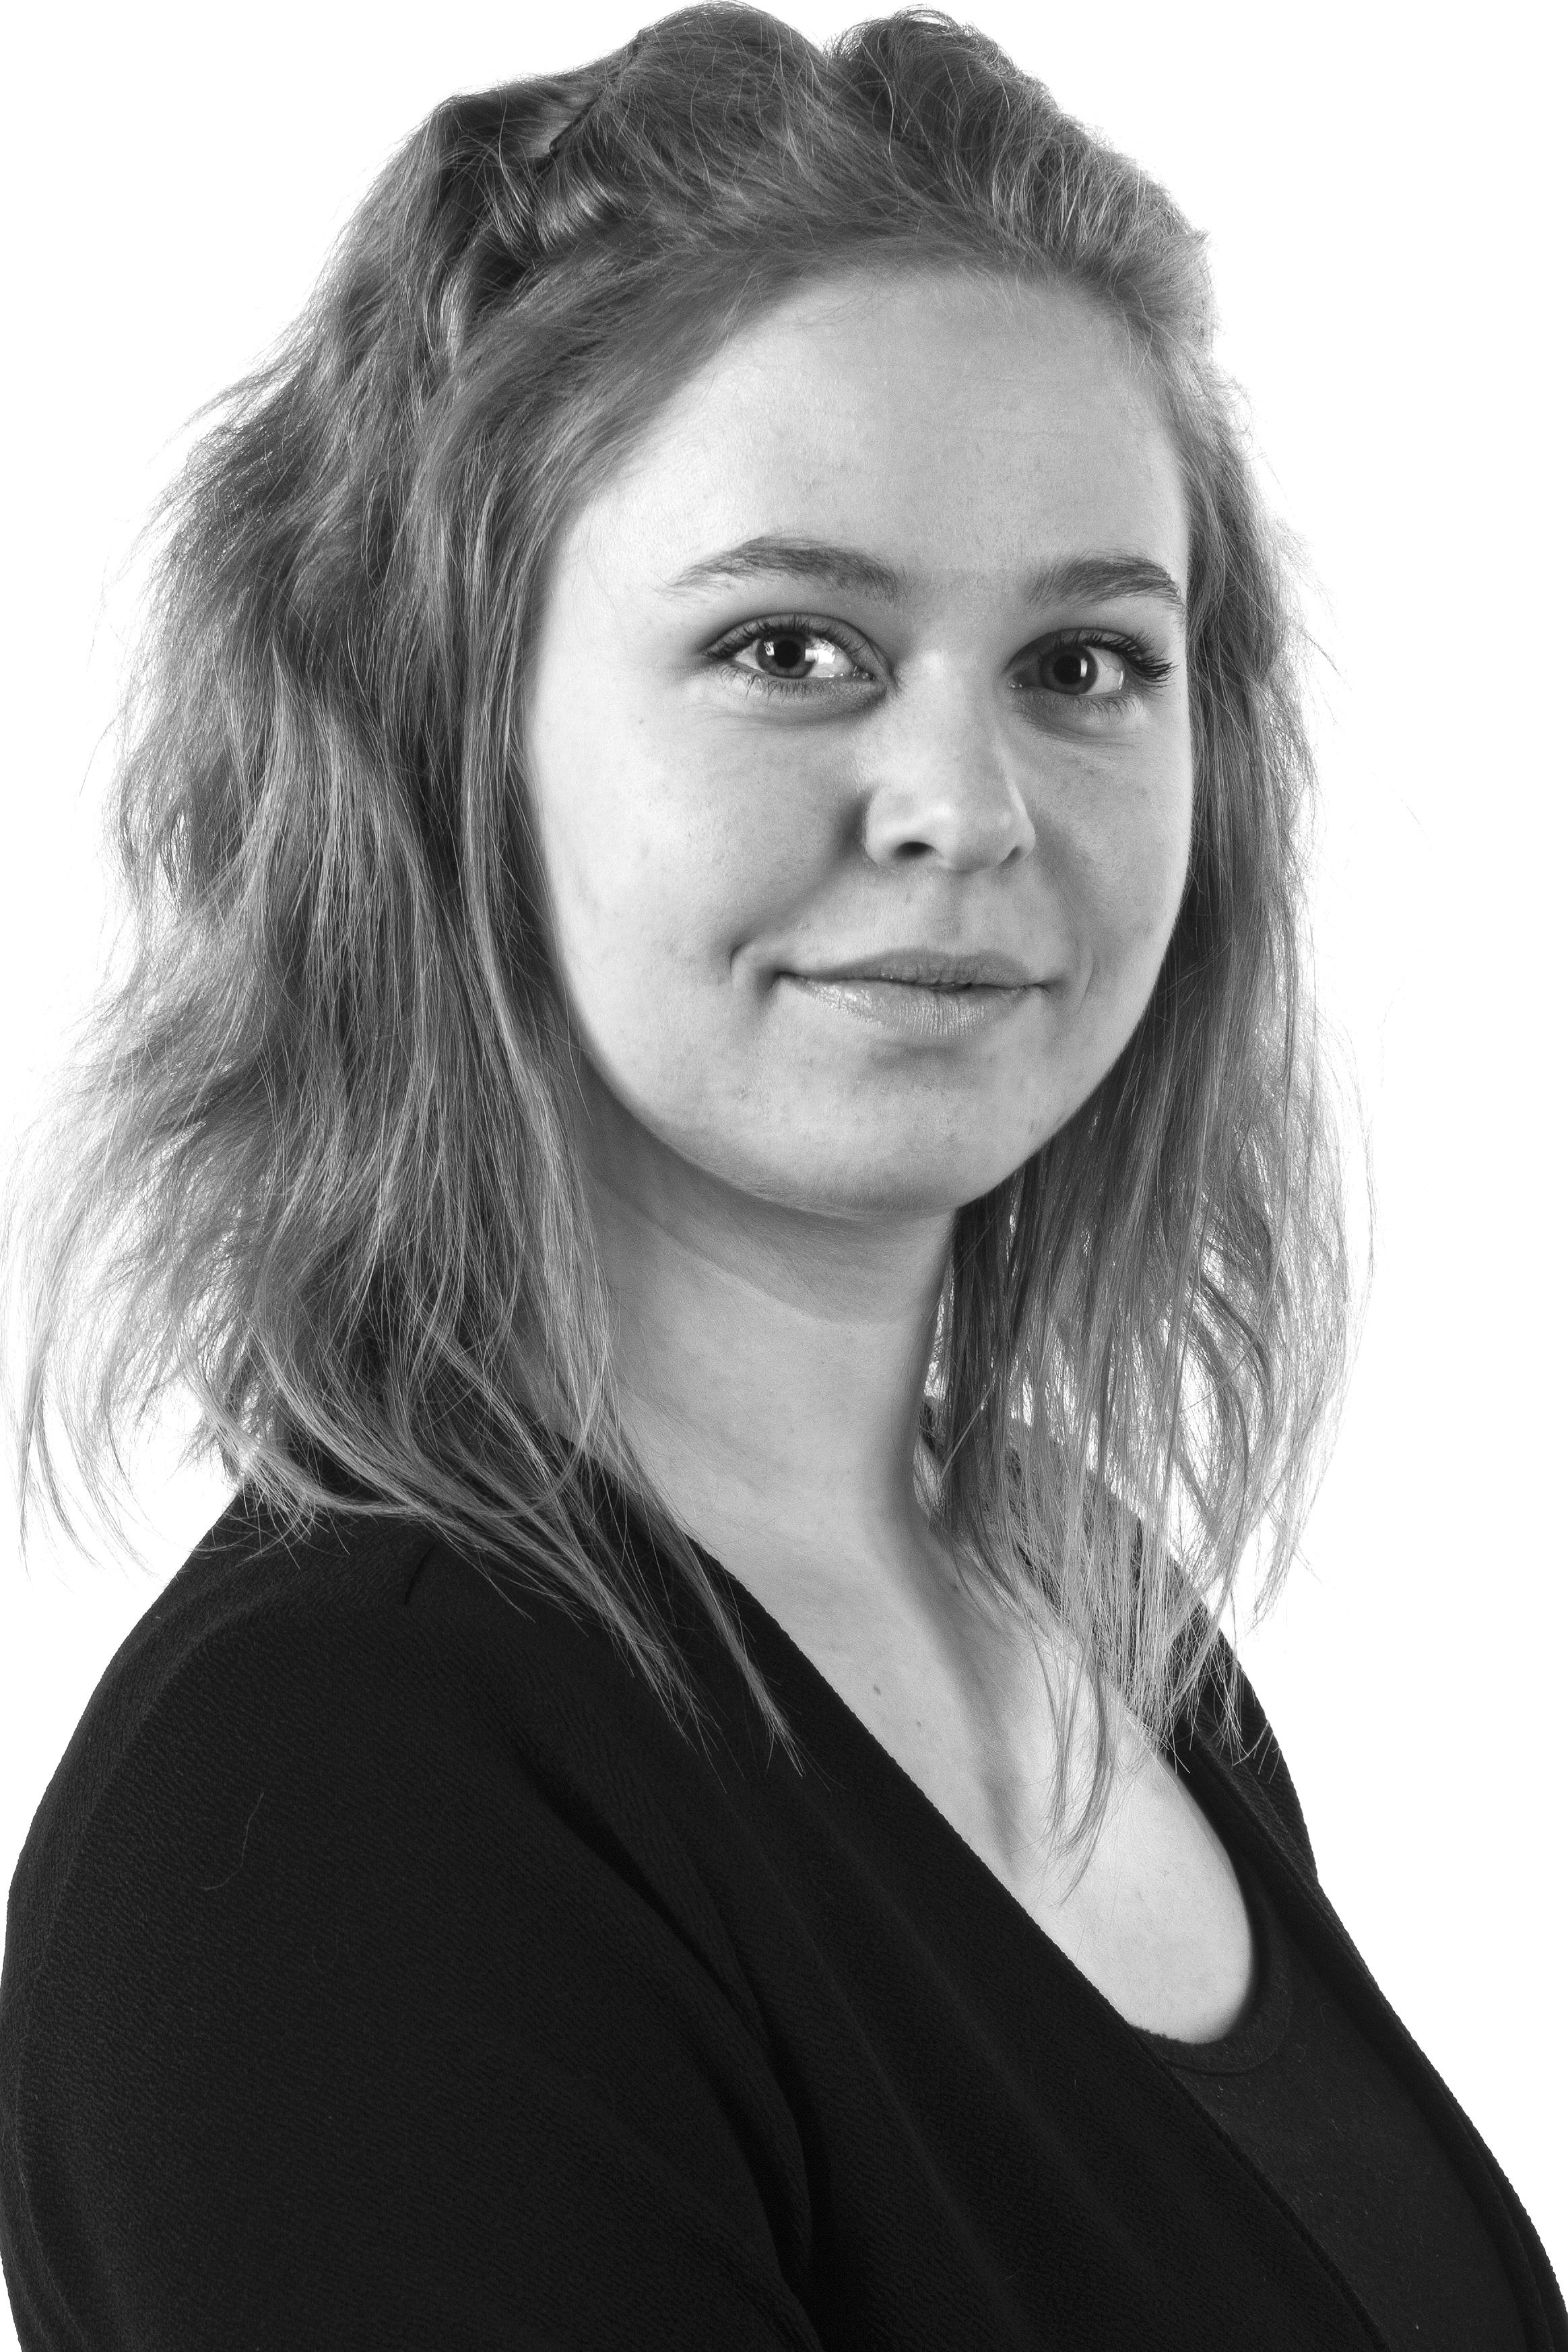 Mille Hoffgaard